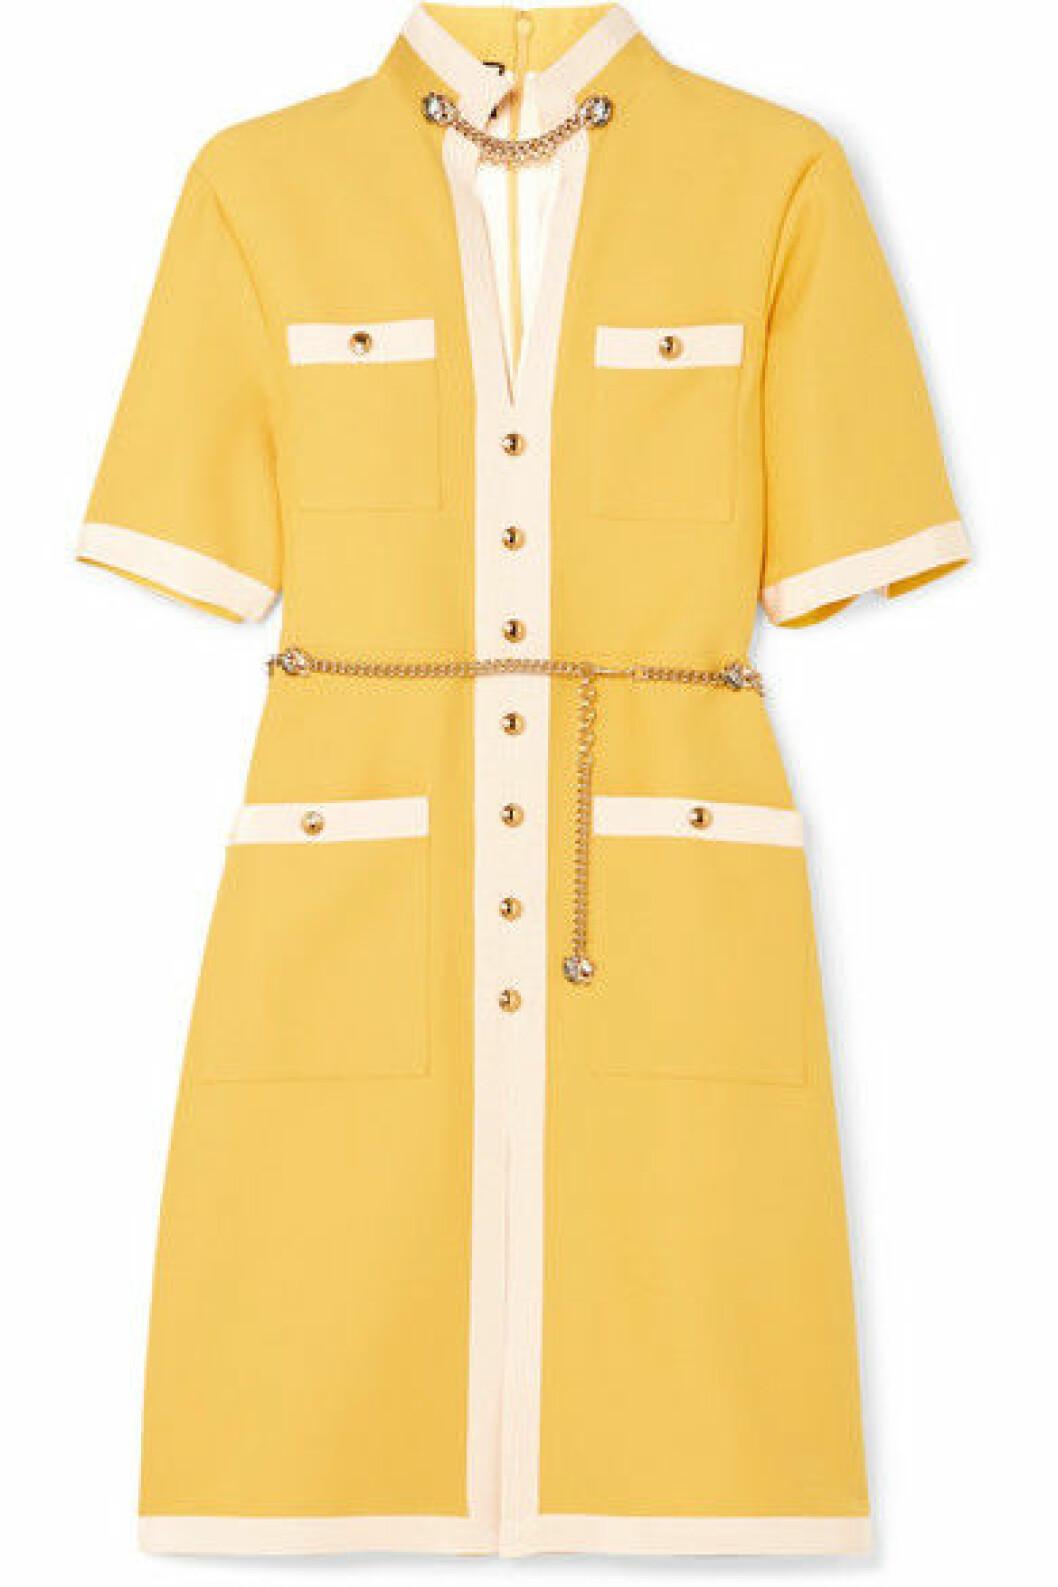 Gul klänning från Gucci